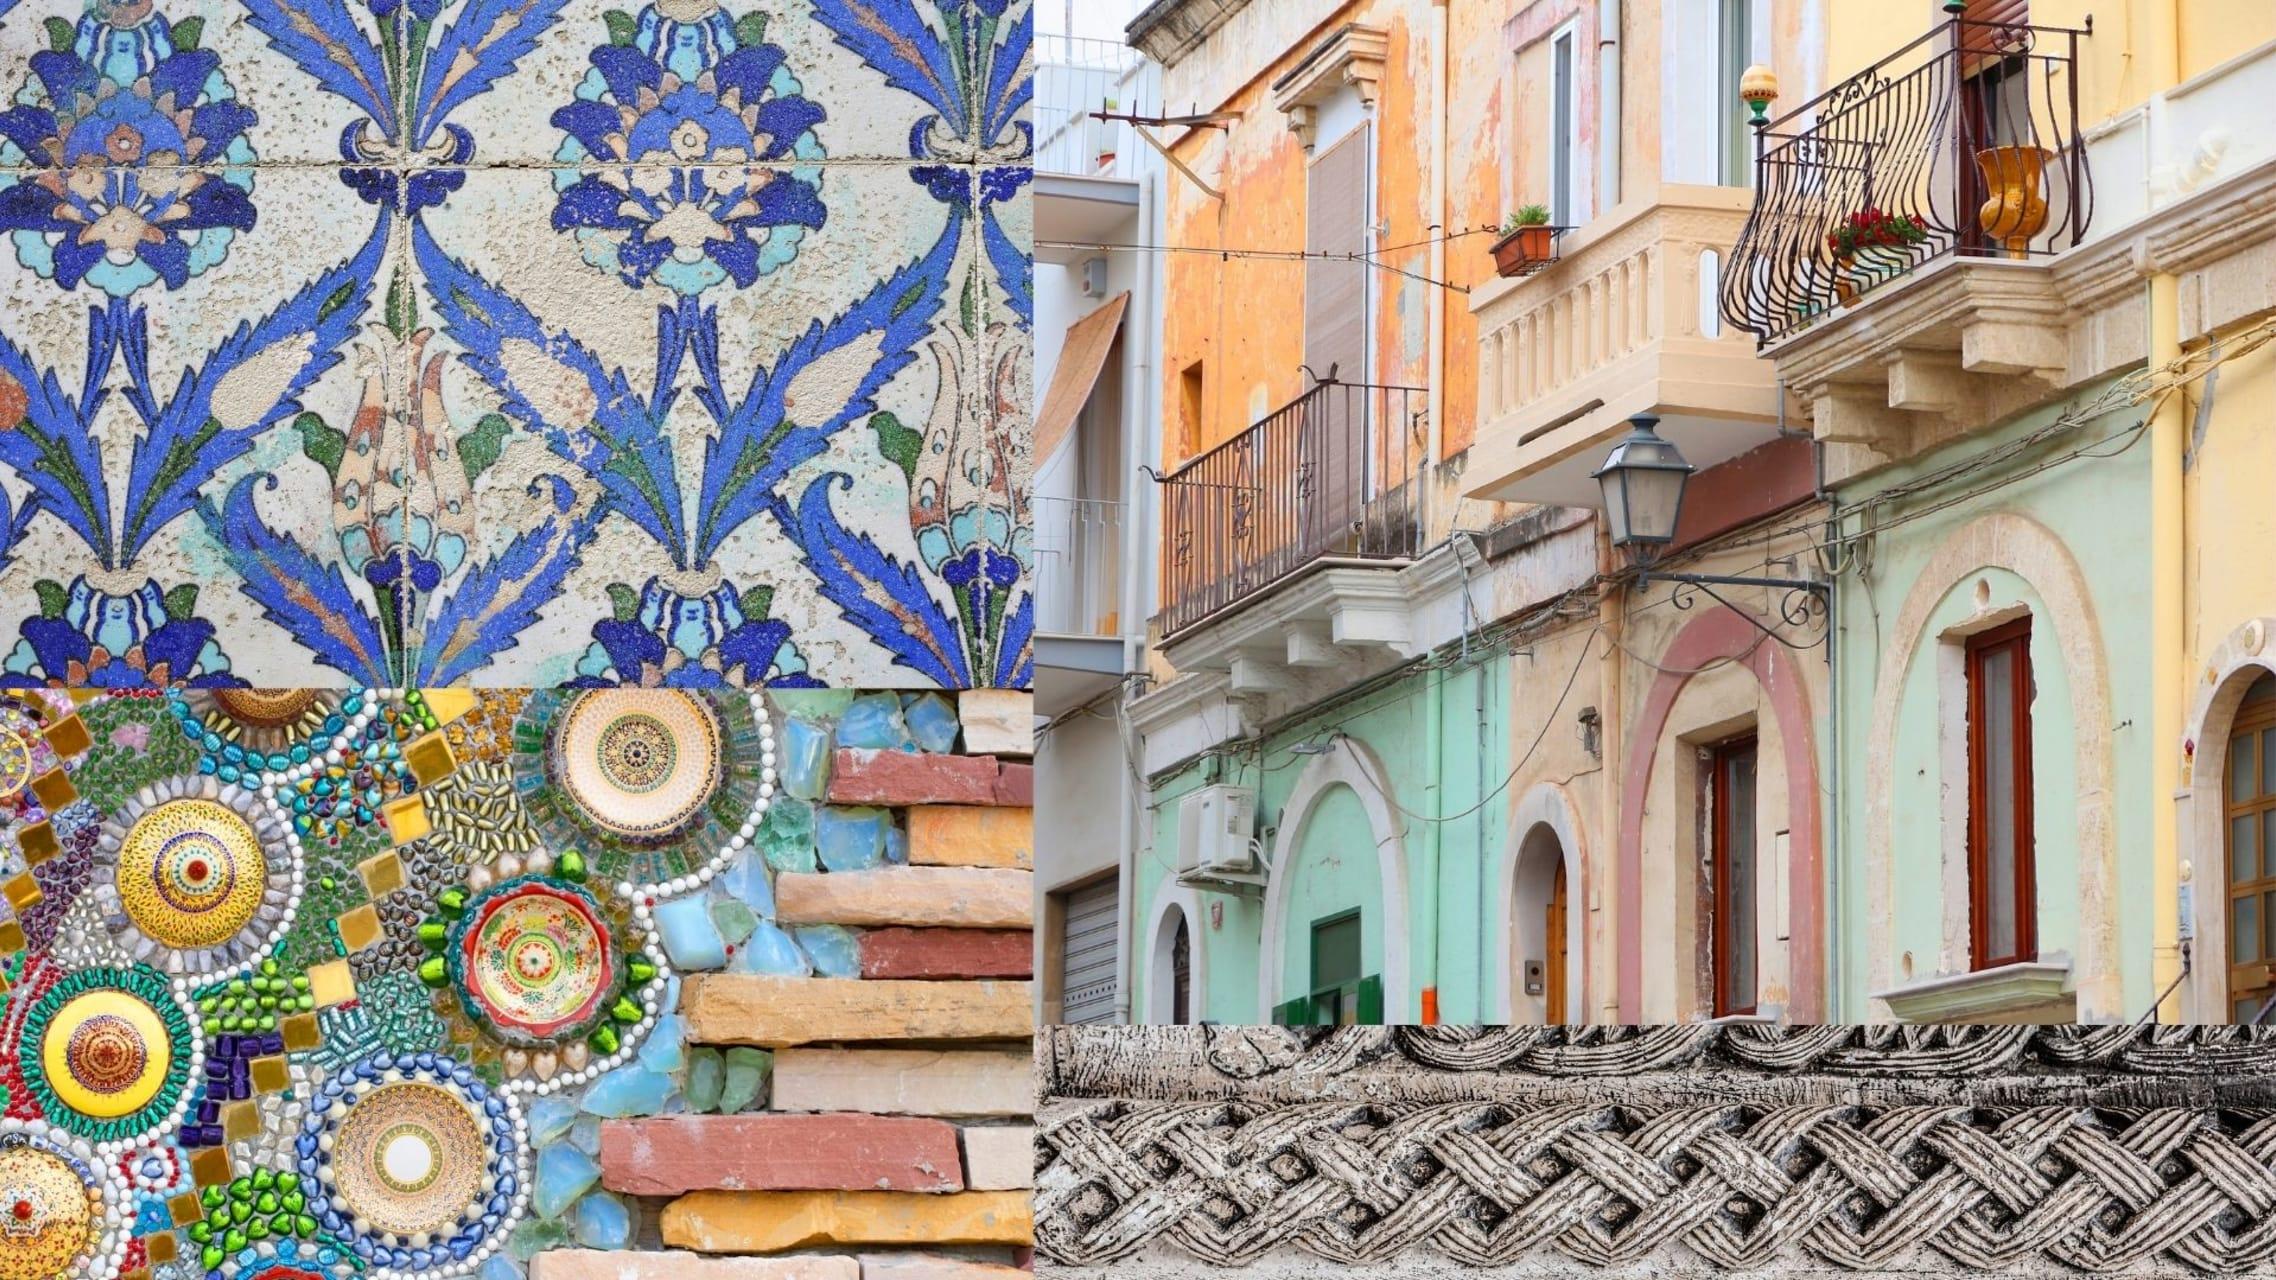 Puglia - Grottaglie: The best kept secret for all ceramics lovers.